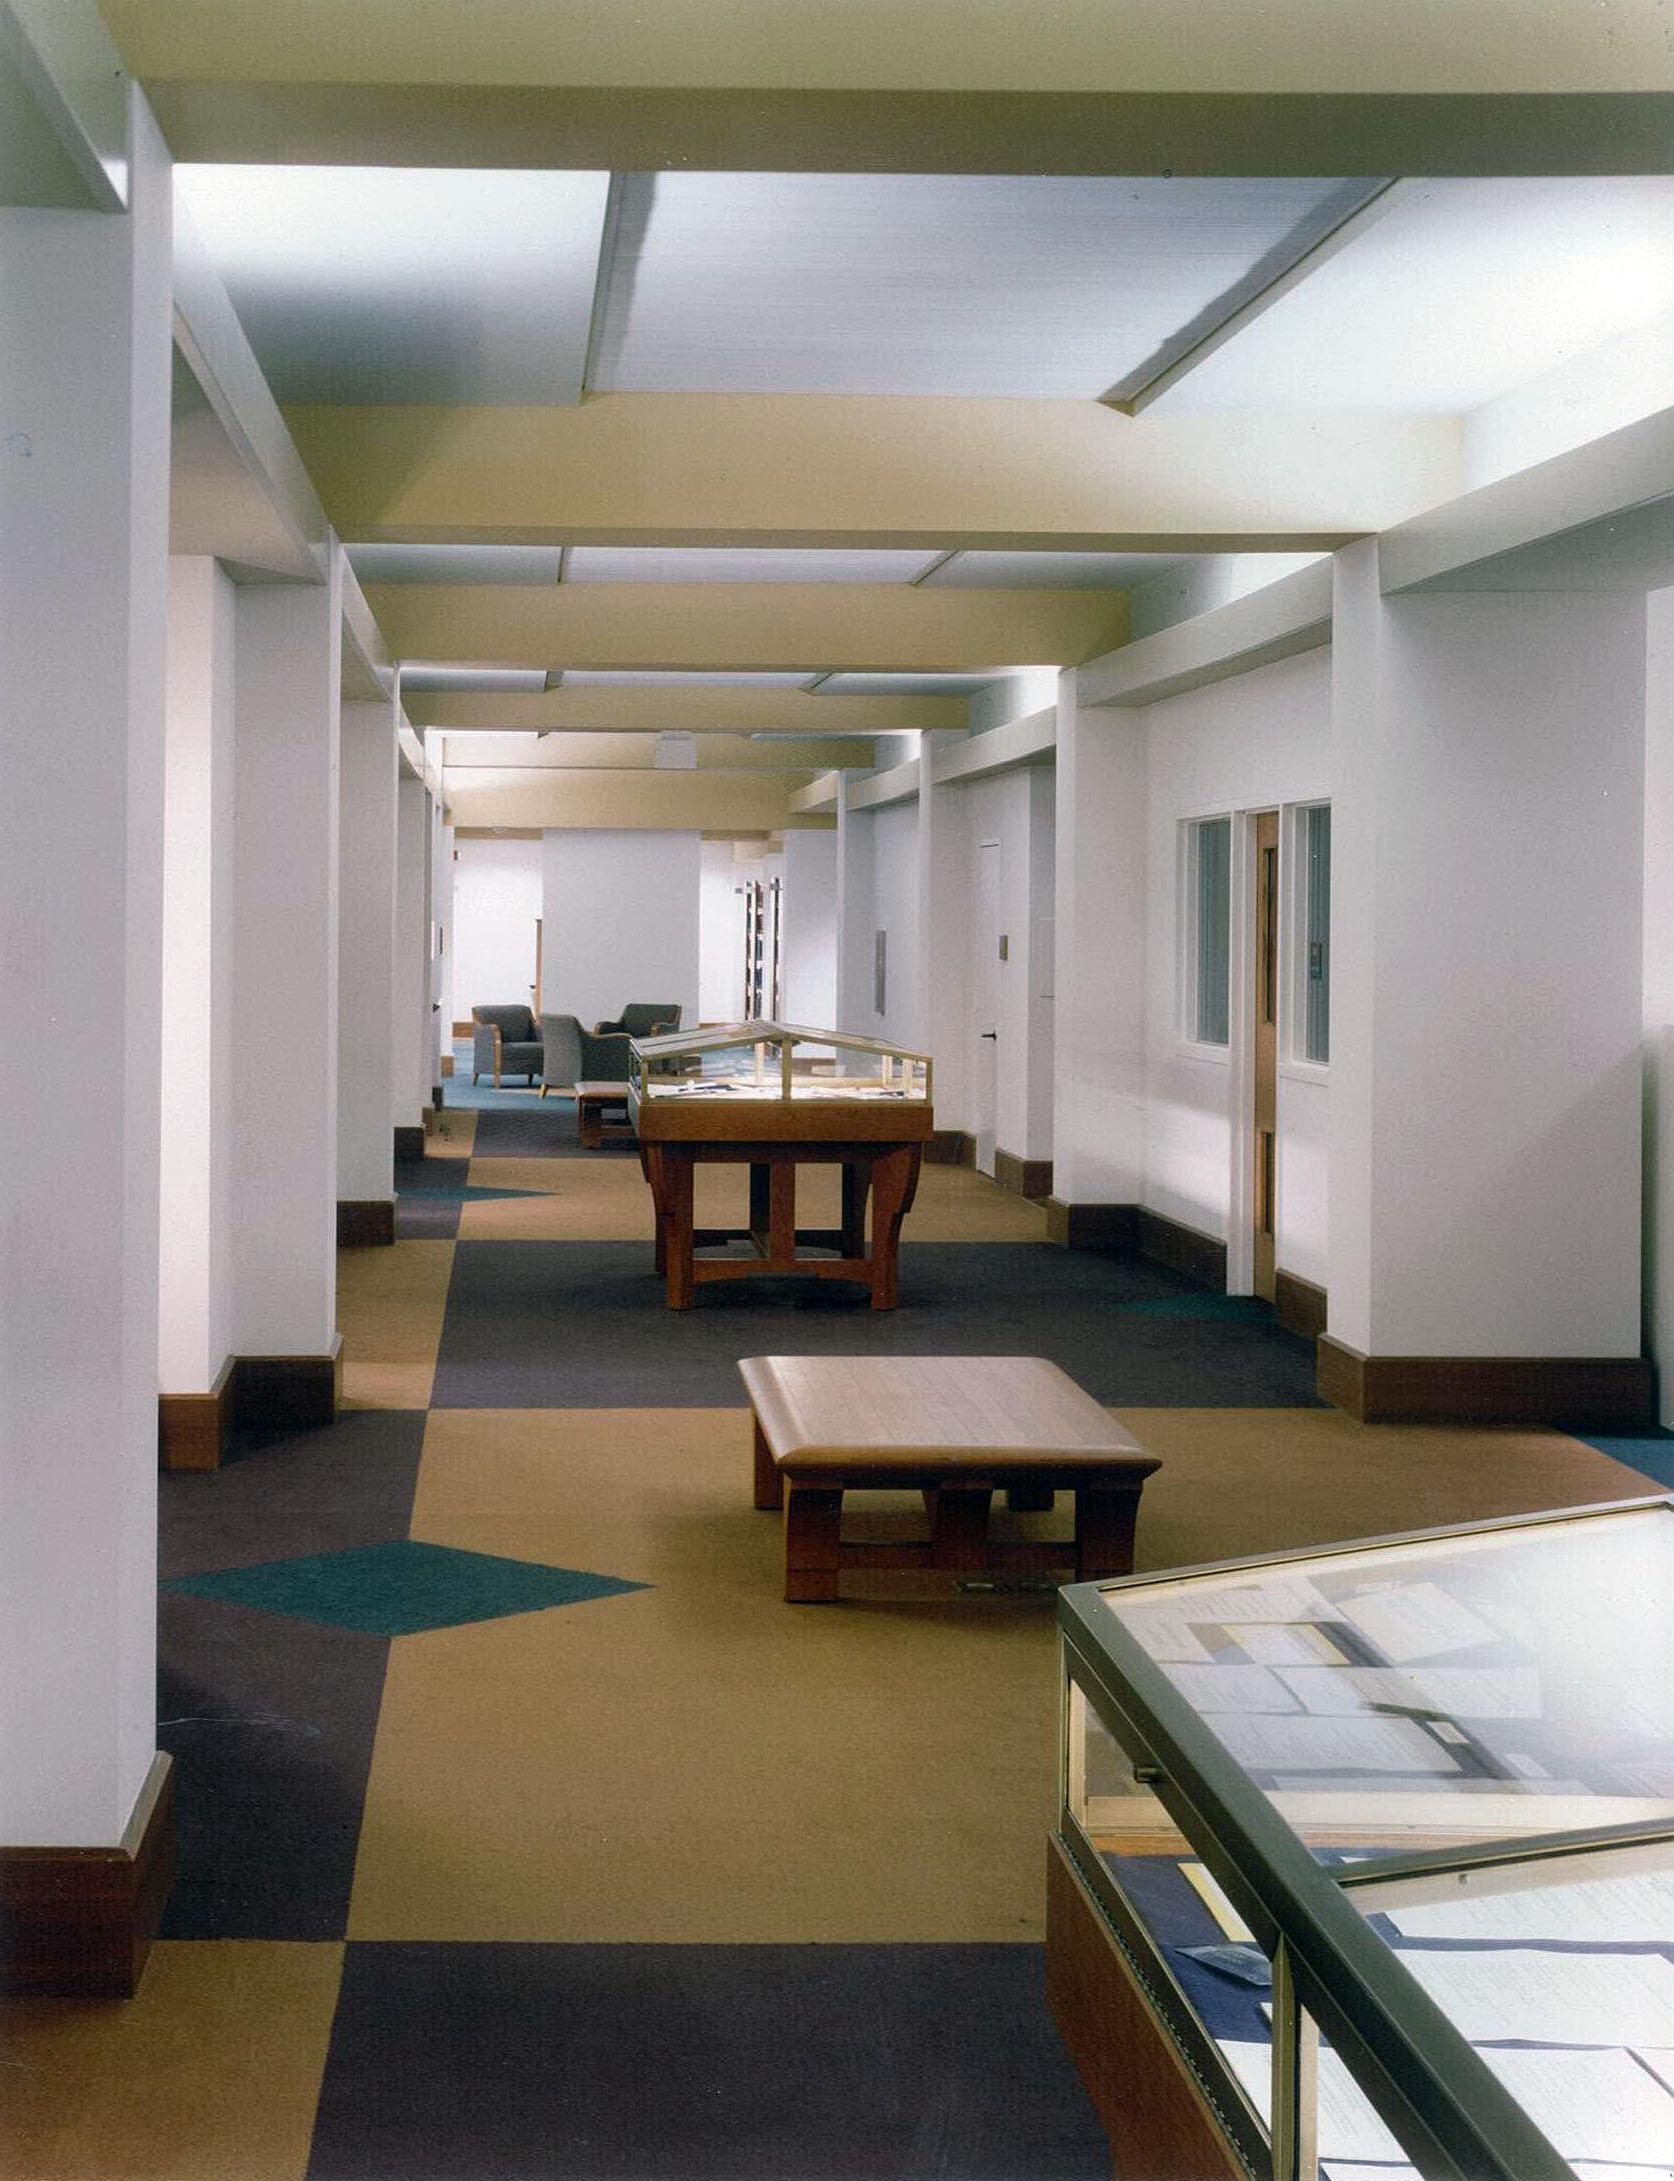 Great Berkeley Interior Design. Uc Berkeley Haas School Of Business Library  Interior @ Dianelamdesign.com